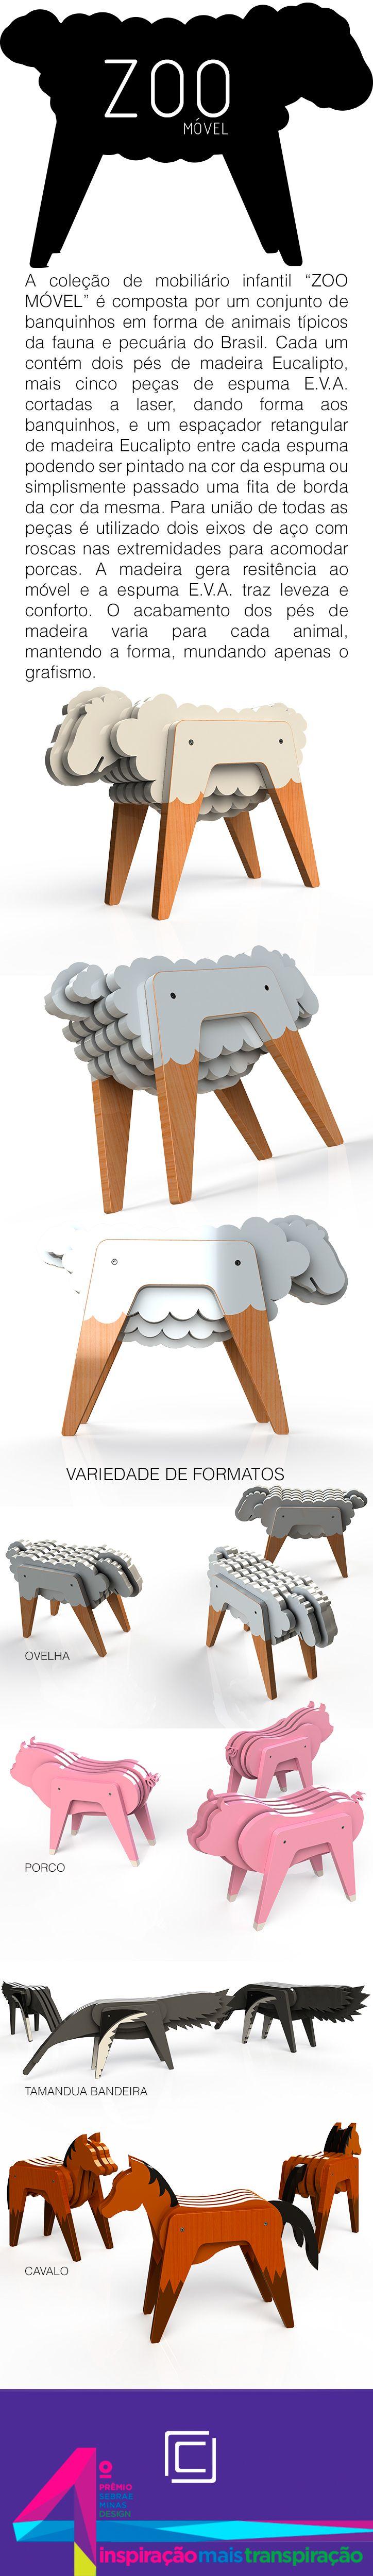 f6febfdd1766e17c5ce4a9bd7f45d5d2--kids-wood-plywood-furniture Incroyable De Salon Jardin Fer forgé Schème